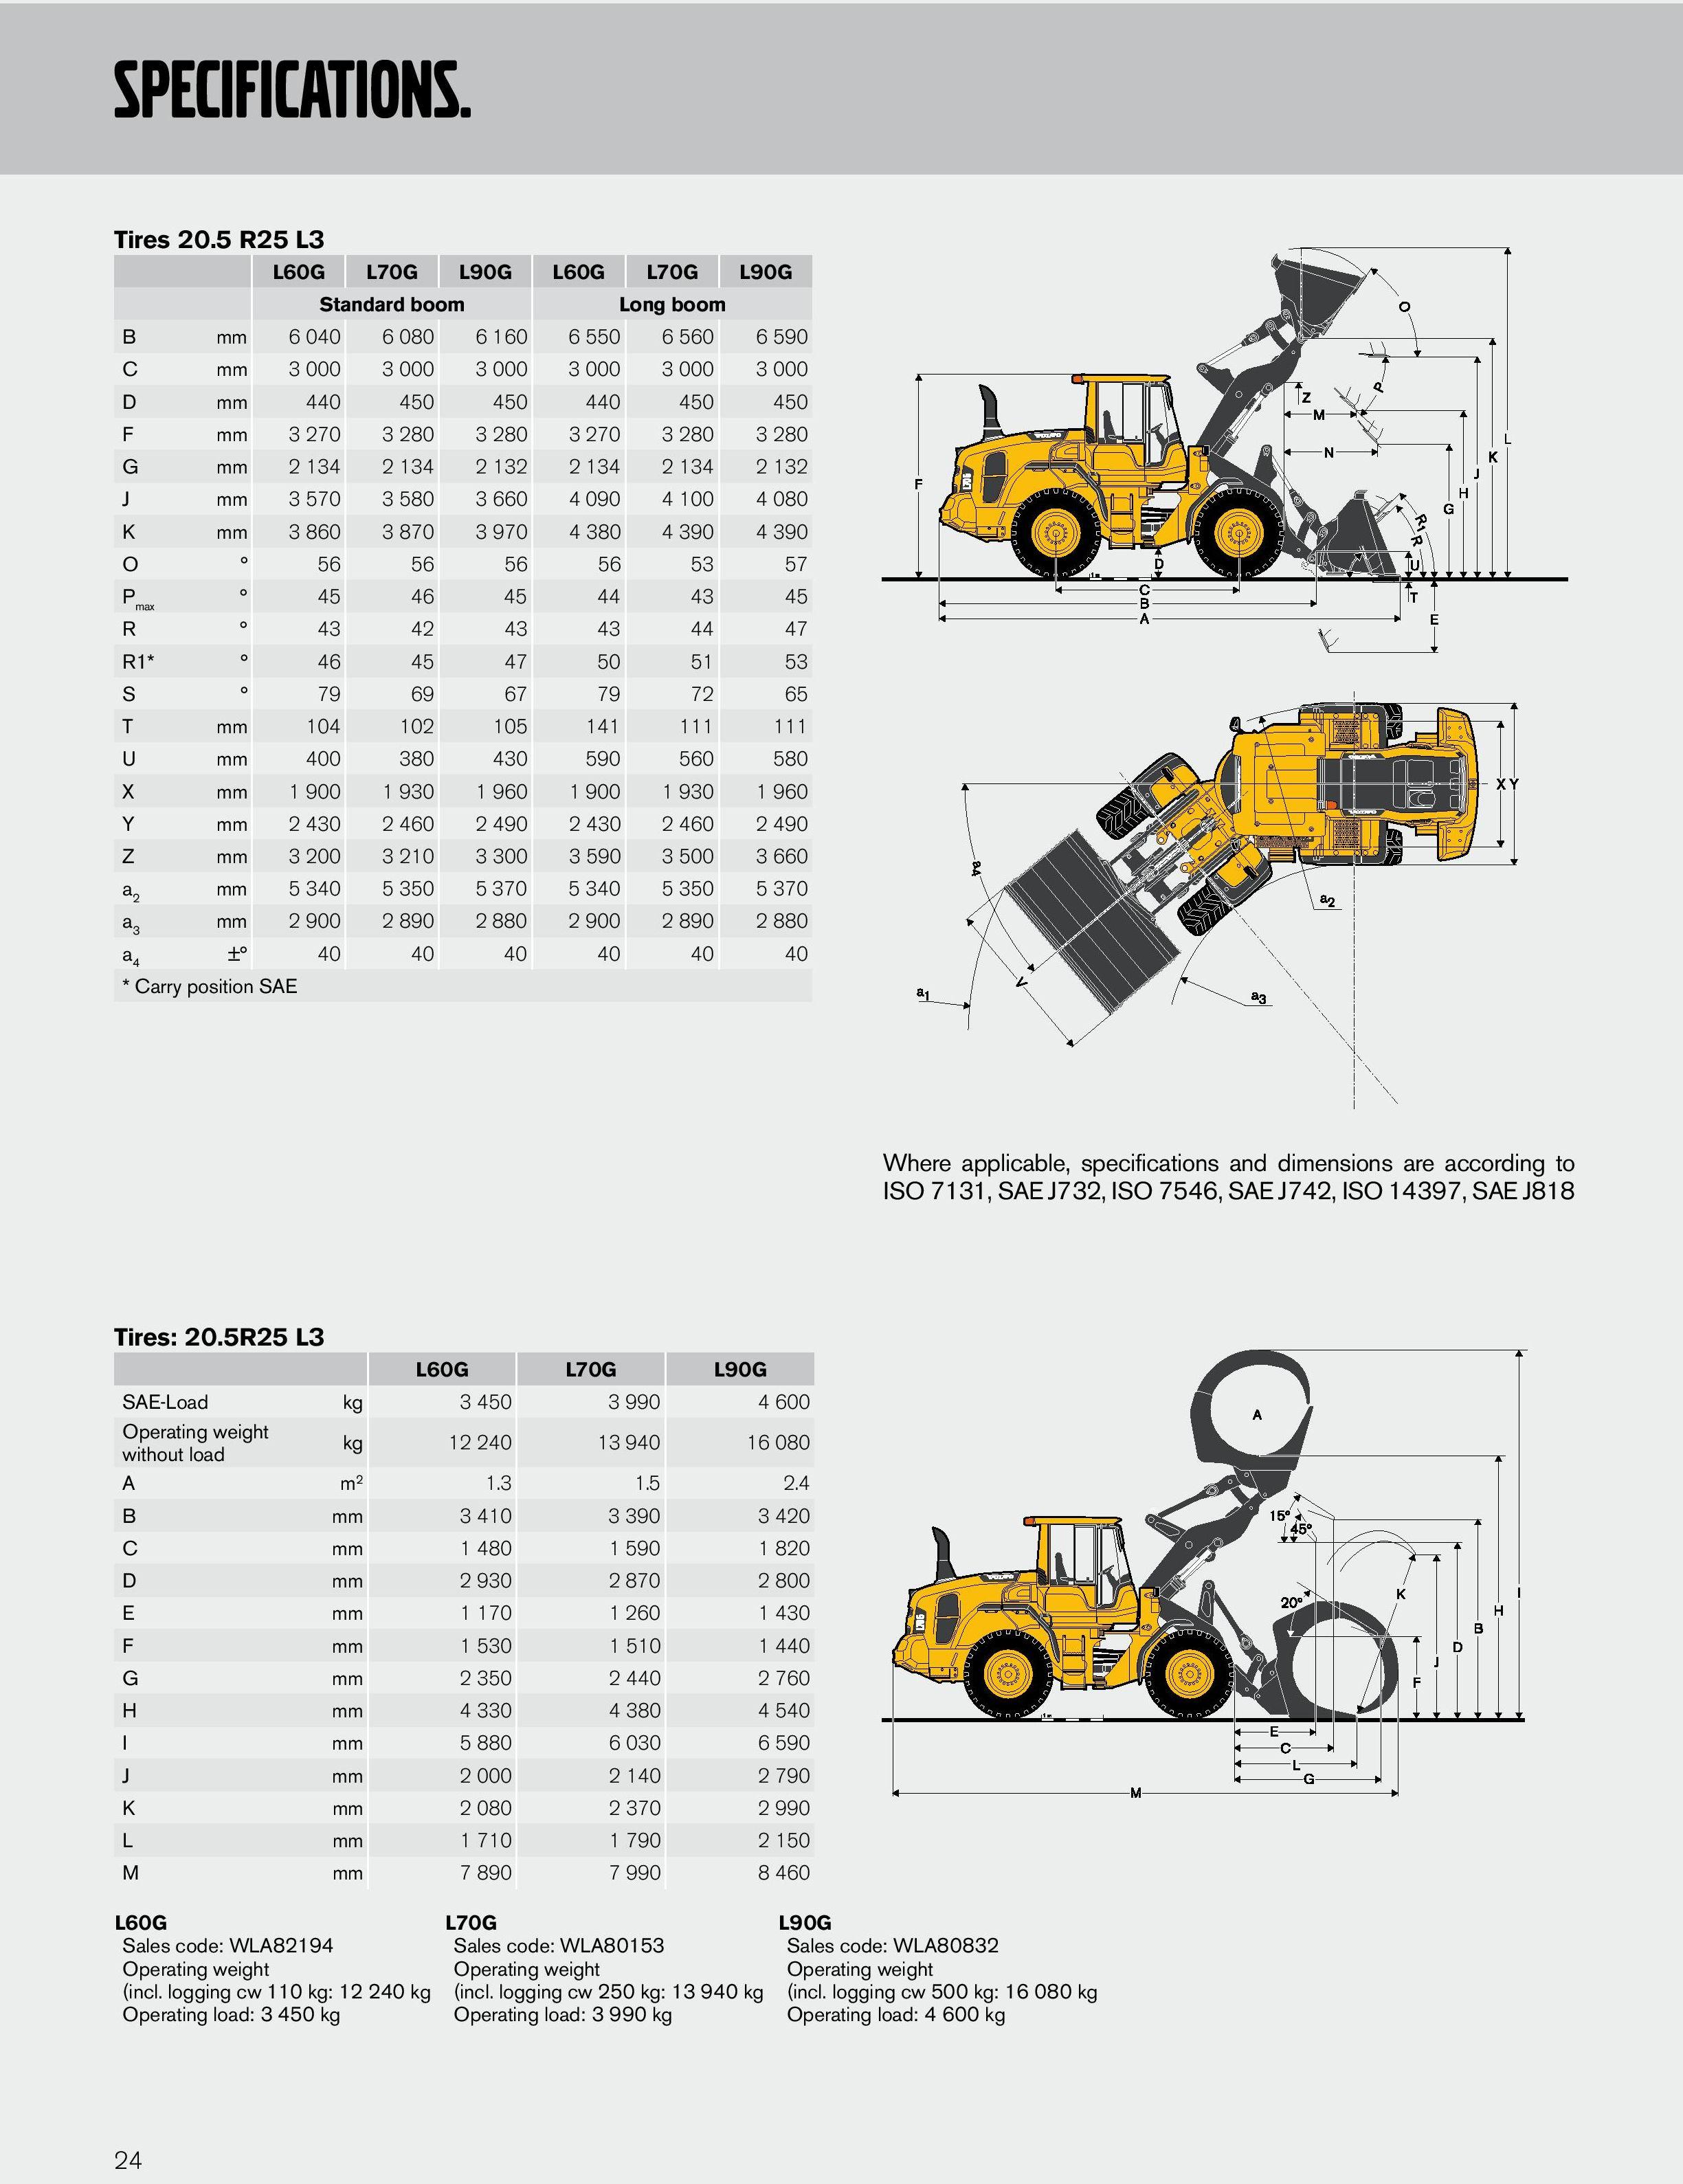 Volvo Wheel Loader Supplier Worldwide